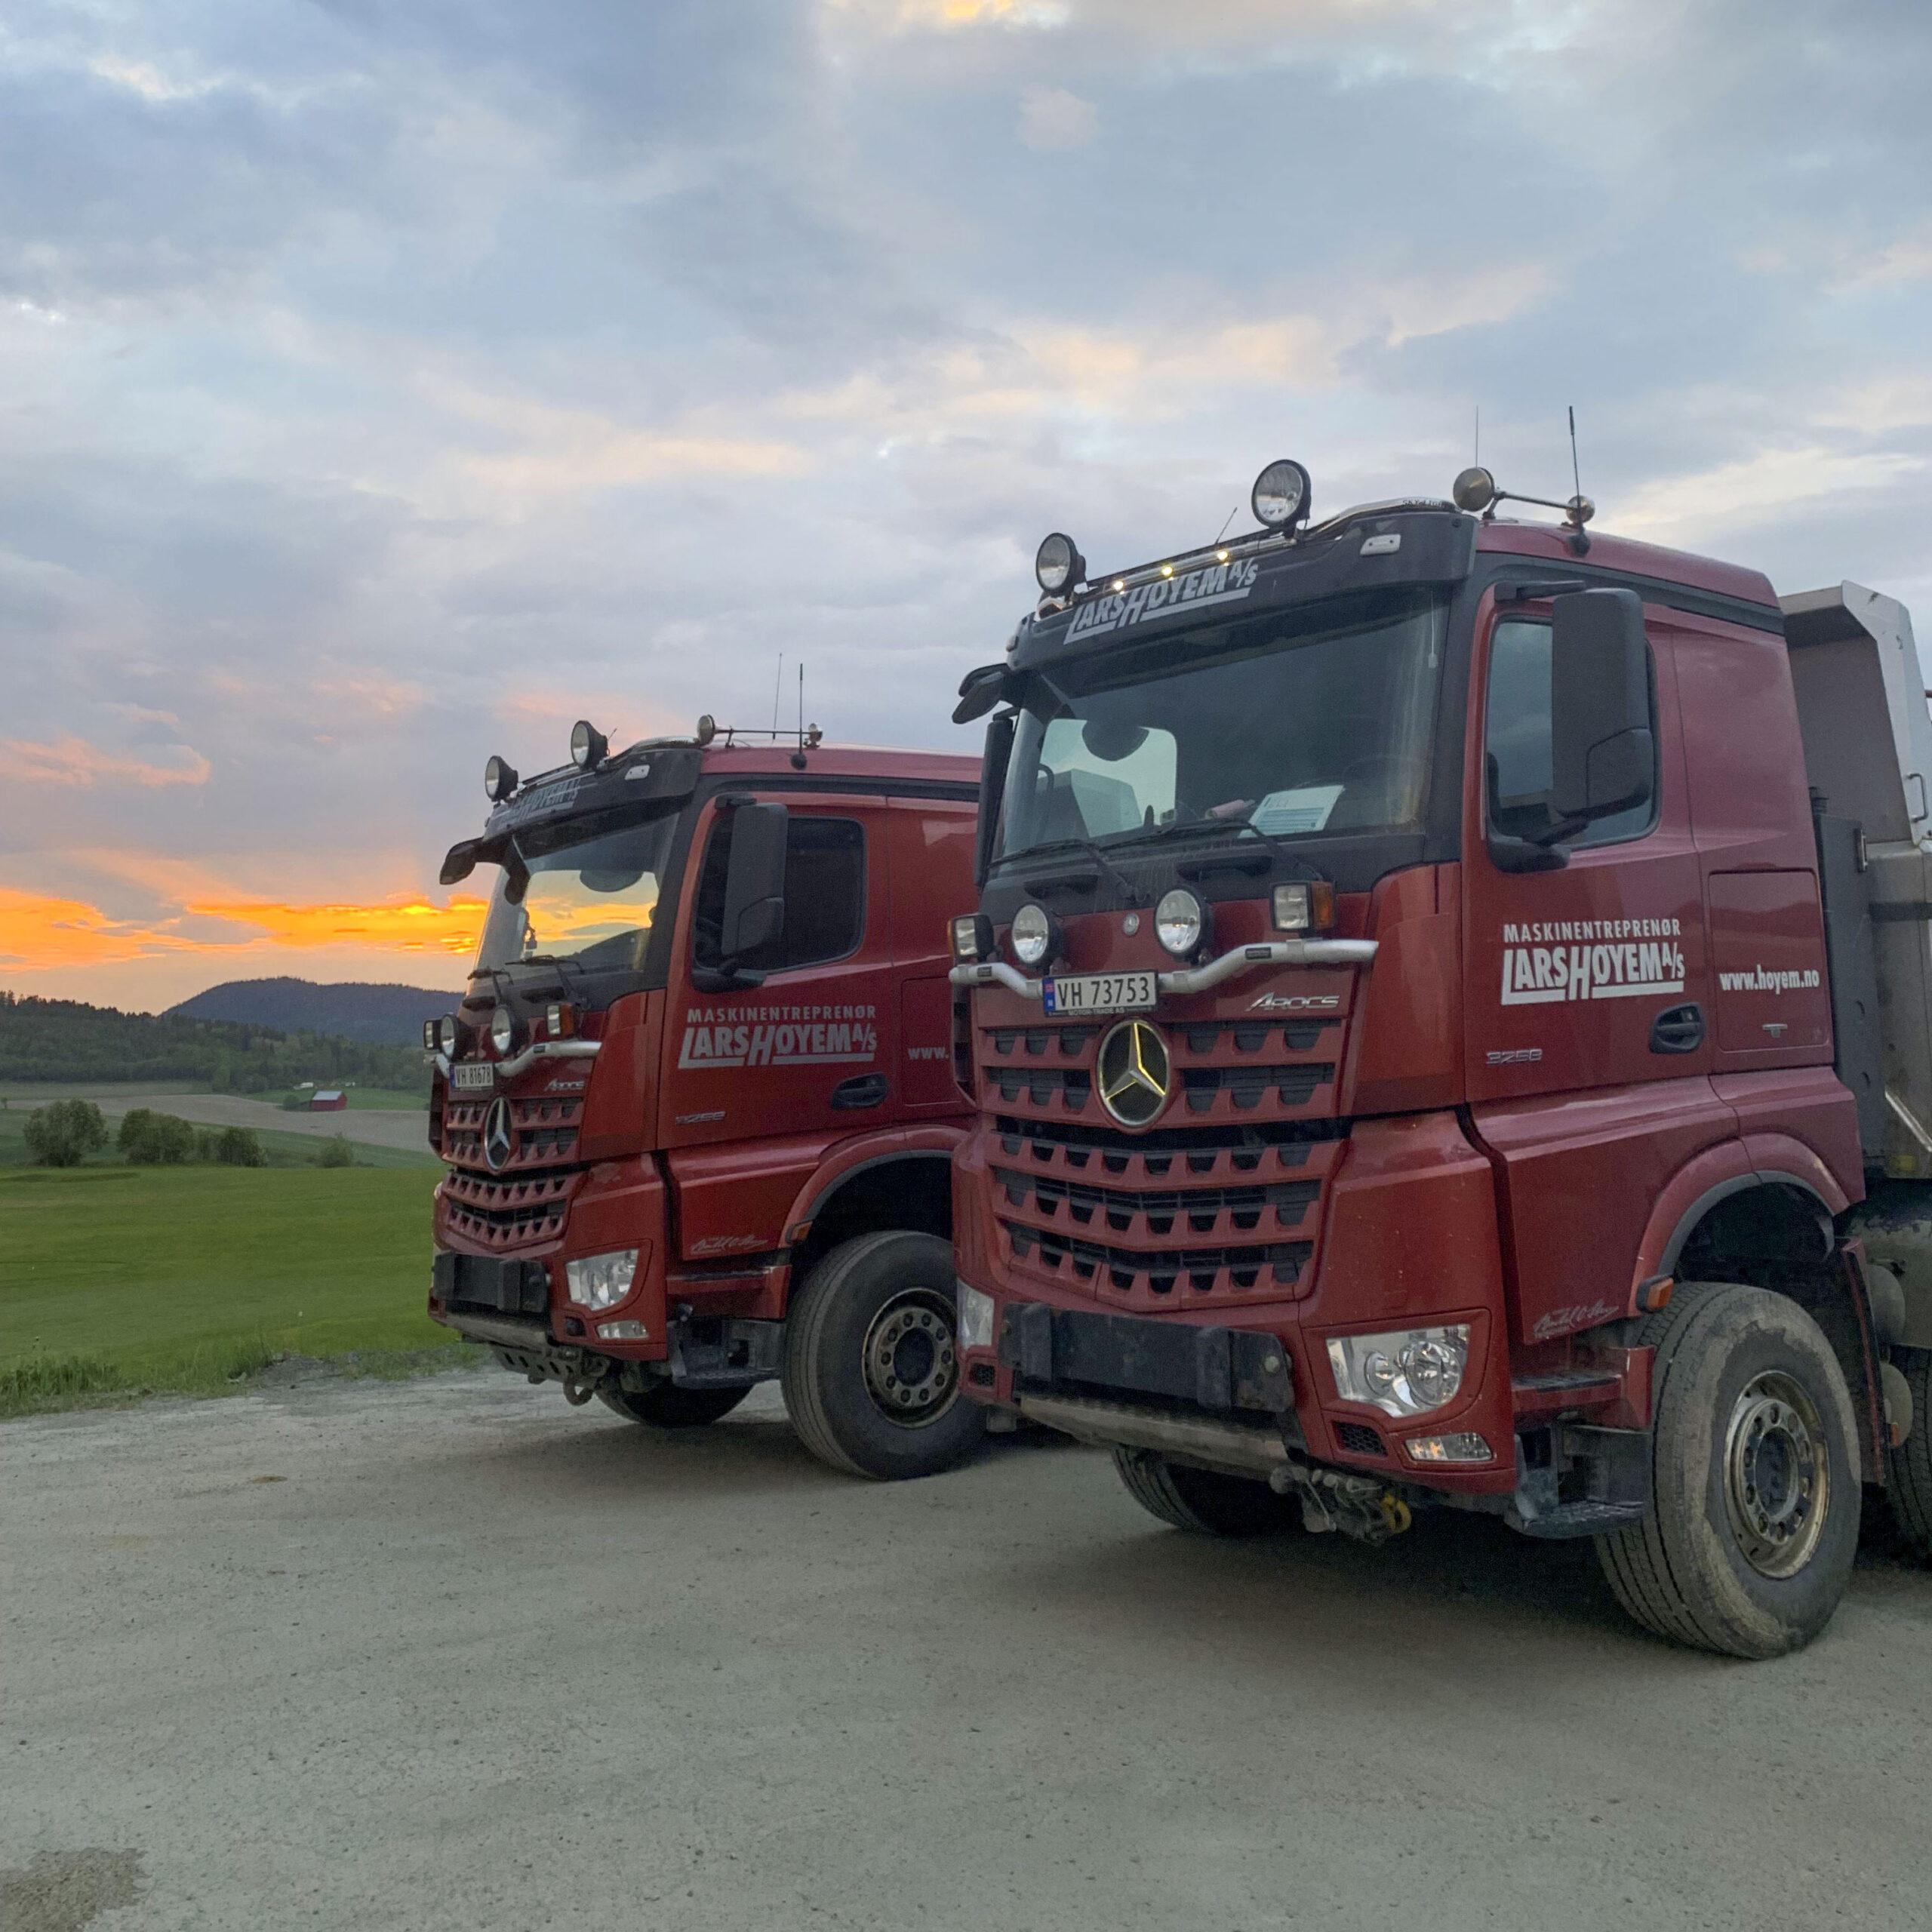 Lastebilder_i_solnedgang